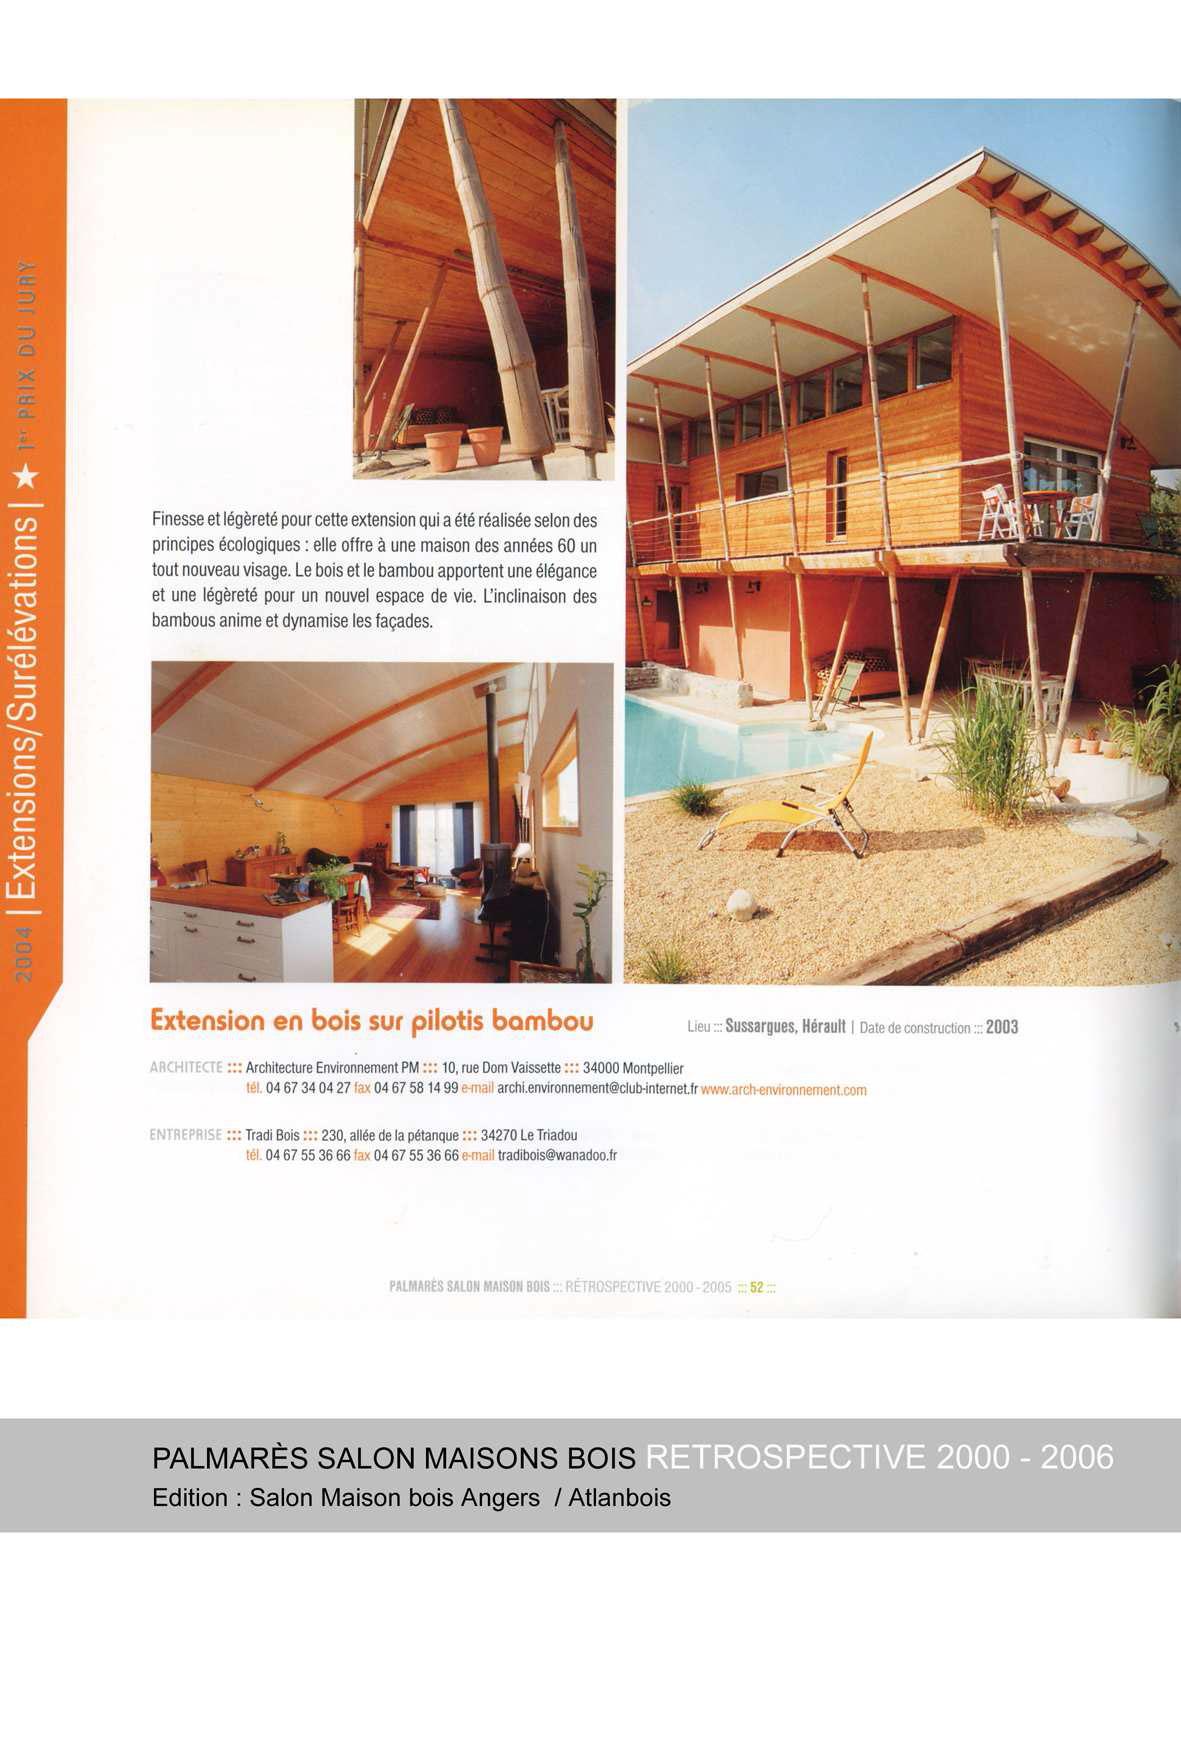 palmares-salon-maison-bois-dangers-retrospective-2000-2005-extension-bois-sur-pilotis-bambou